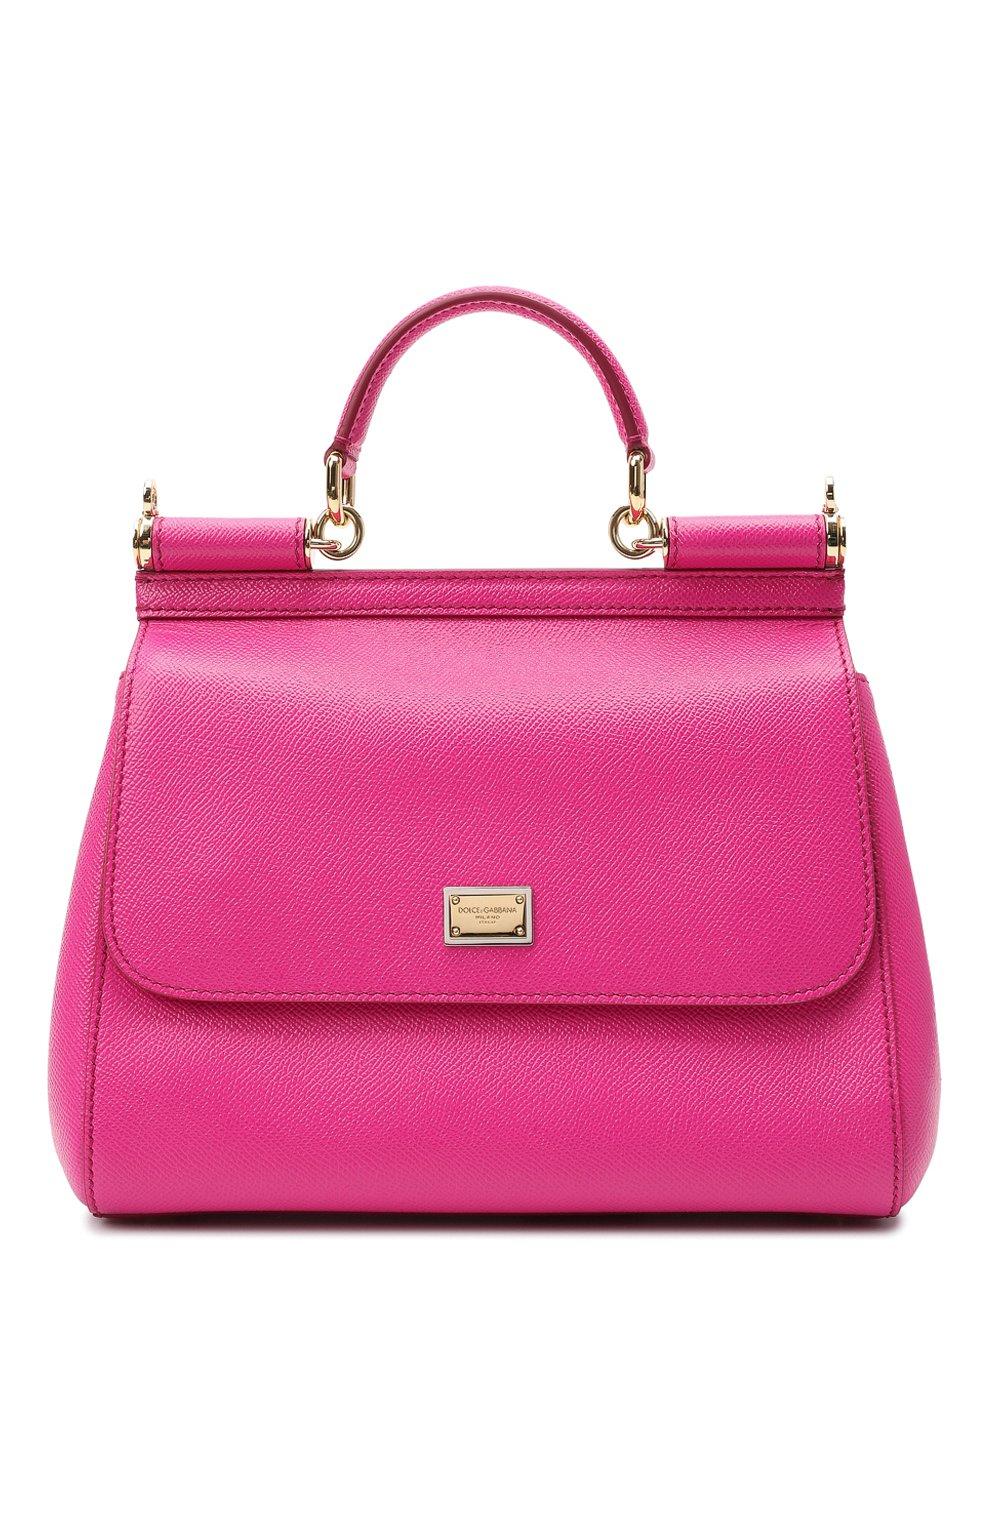 23b1eaada742 Женская сумка sicily medium DOLCE & GABBANA фуксия цвета — купить за ...